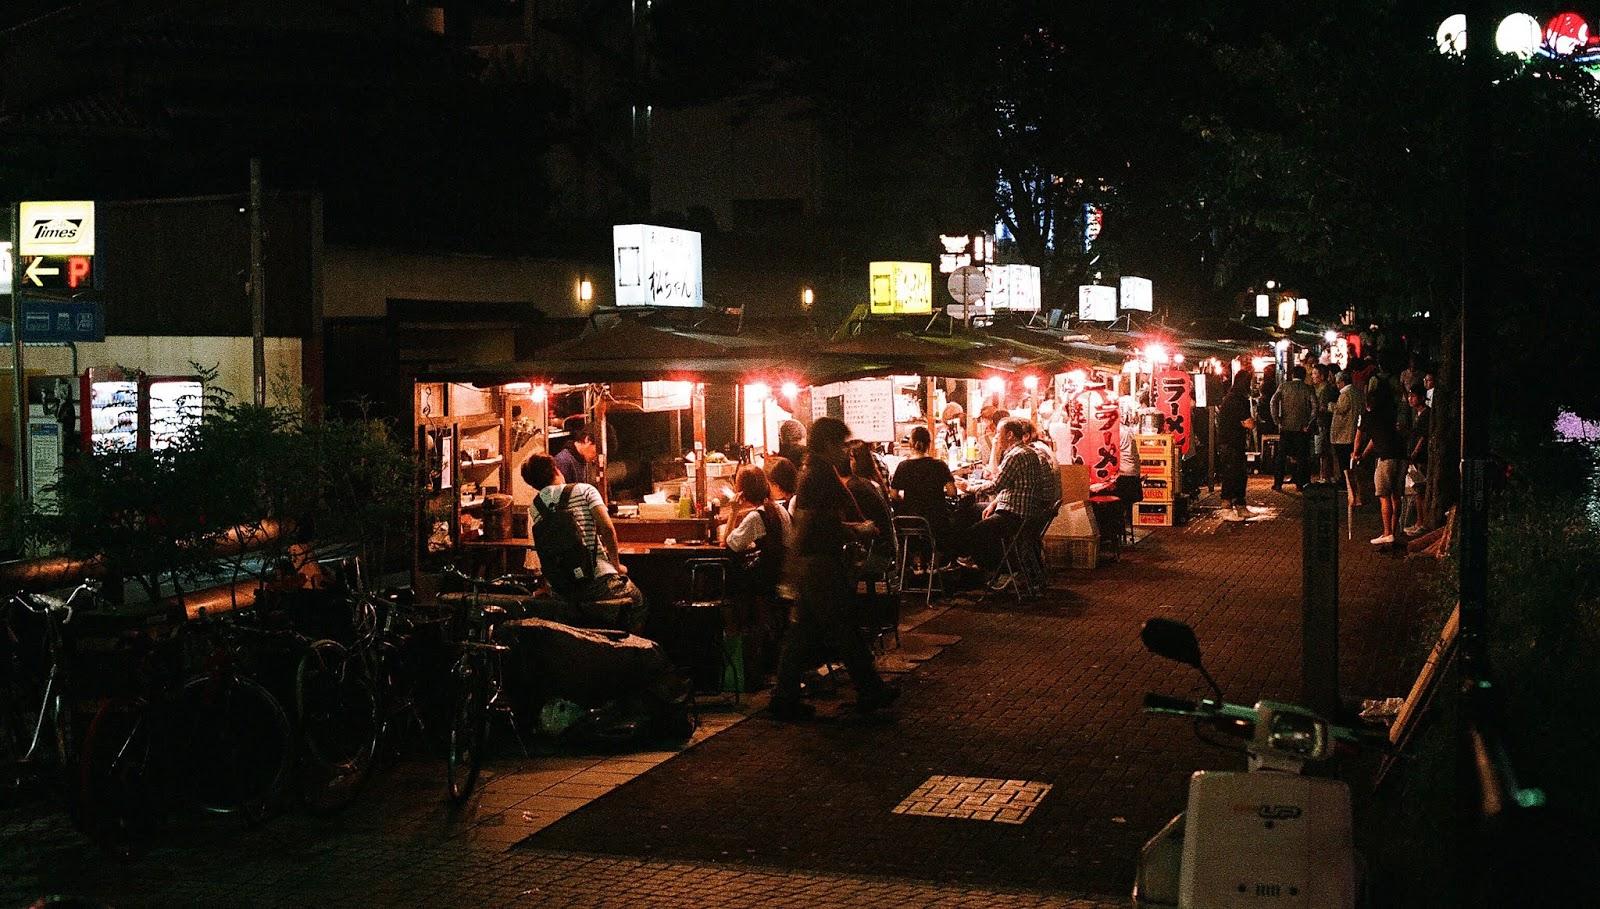 福岡-景點-推薦-中洲屋台-福岡好玩景點-福岡必玩景點-福岡必去景點-福岡自由行景點-攻略-市區-郊區-福岡觀光景點-福岡旅遊景點-福岡旅行-福岡行程-Fukuoka-Tourist-Attraction